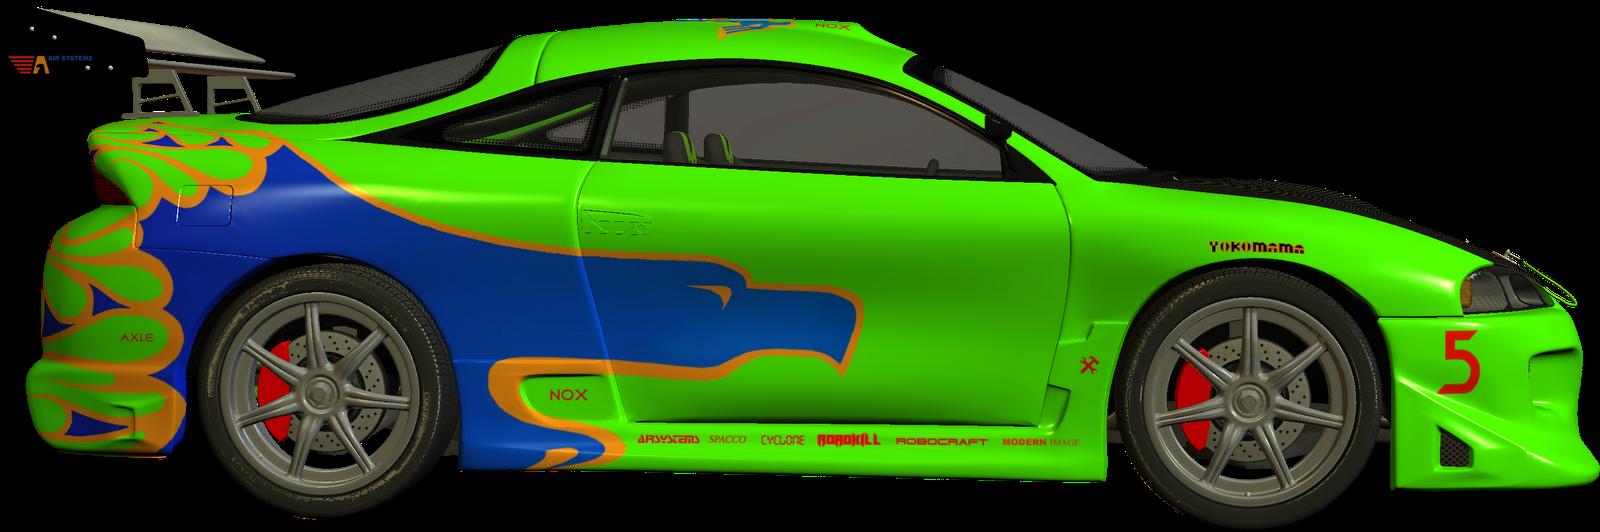 clipart freeuse Racecar clipart. Race car clip art.